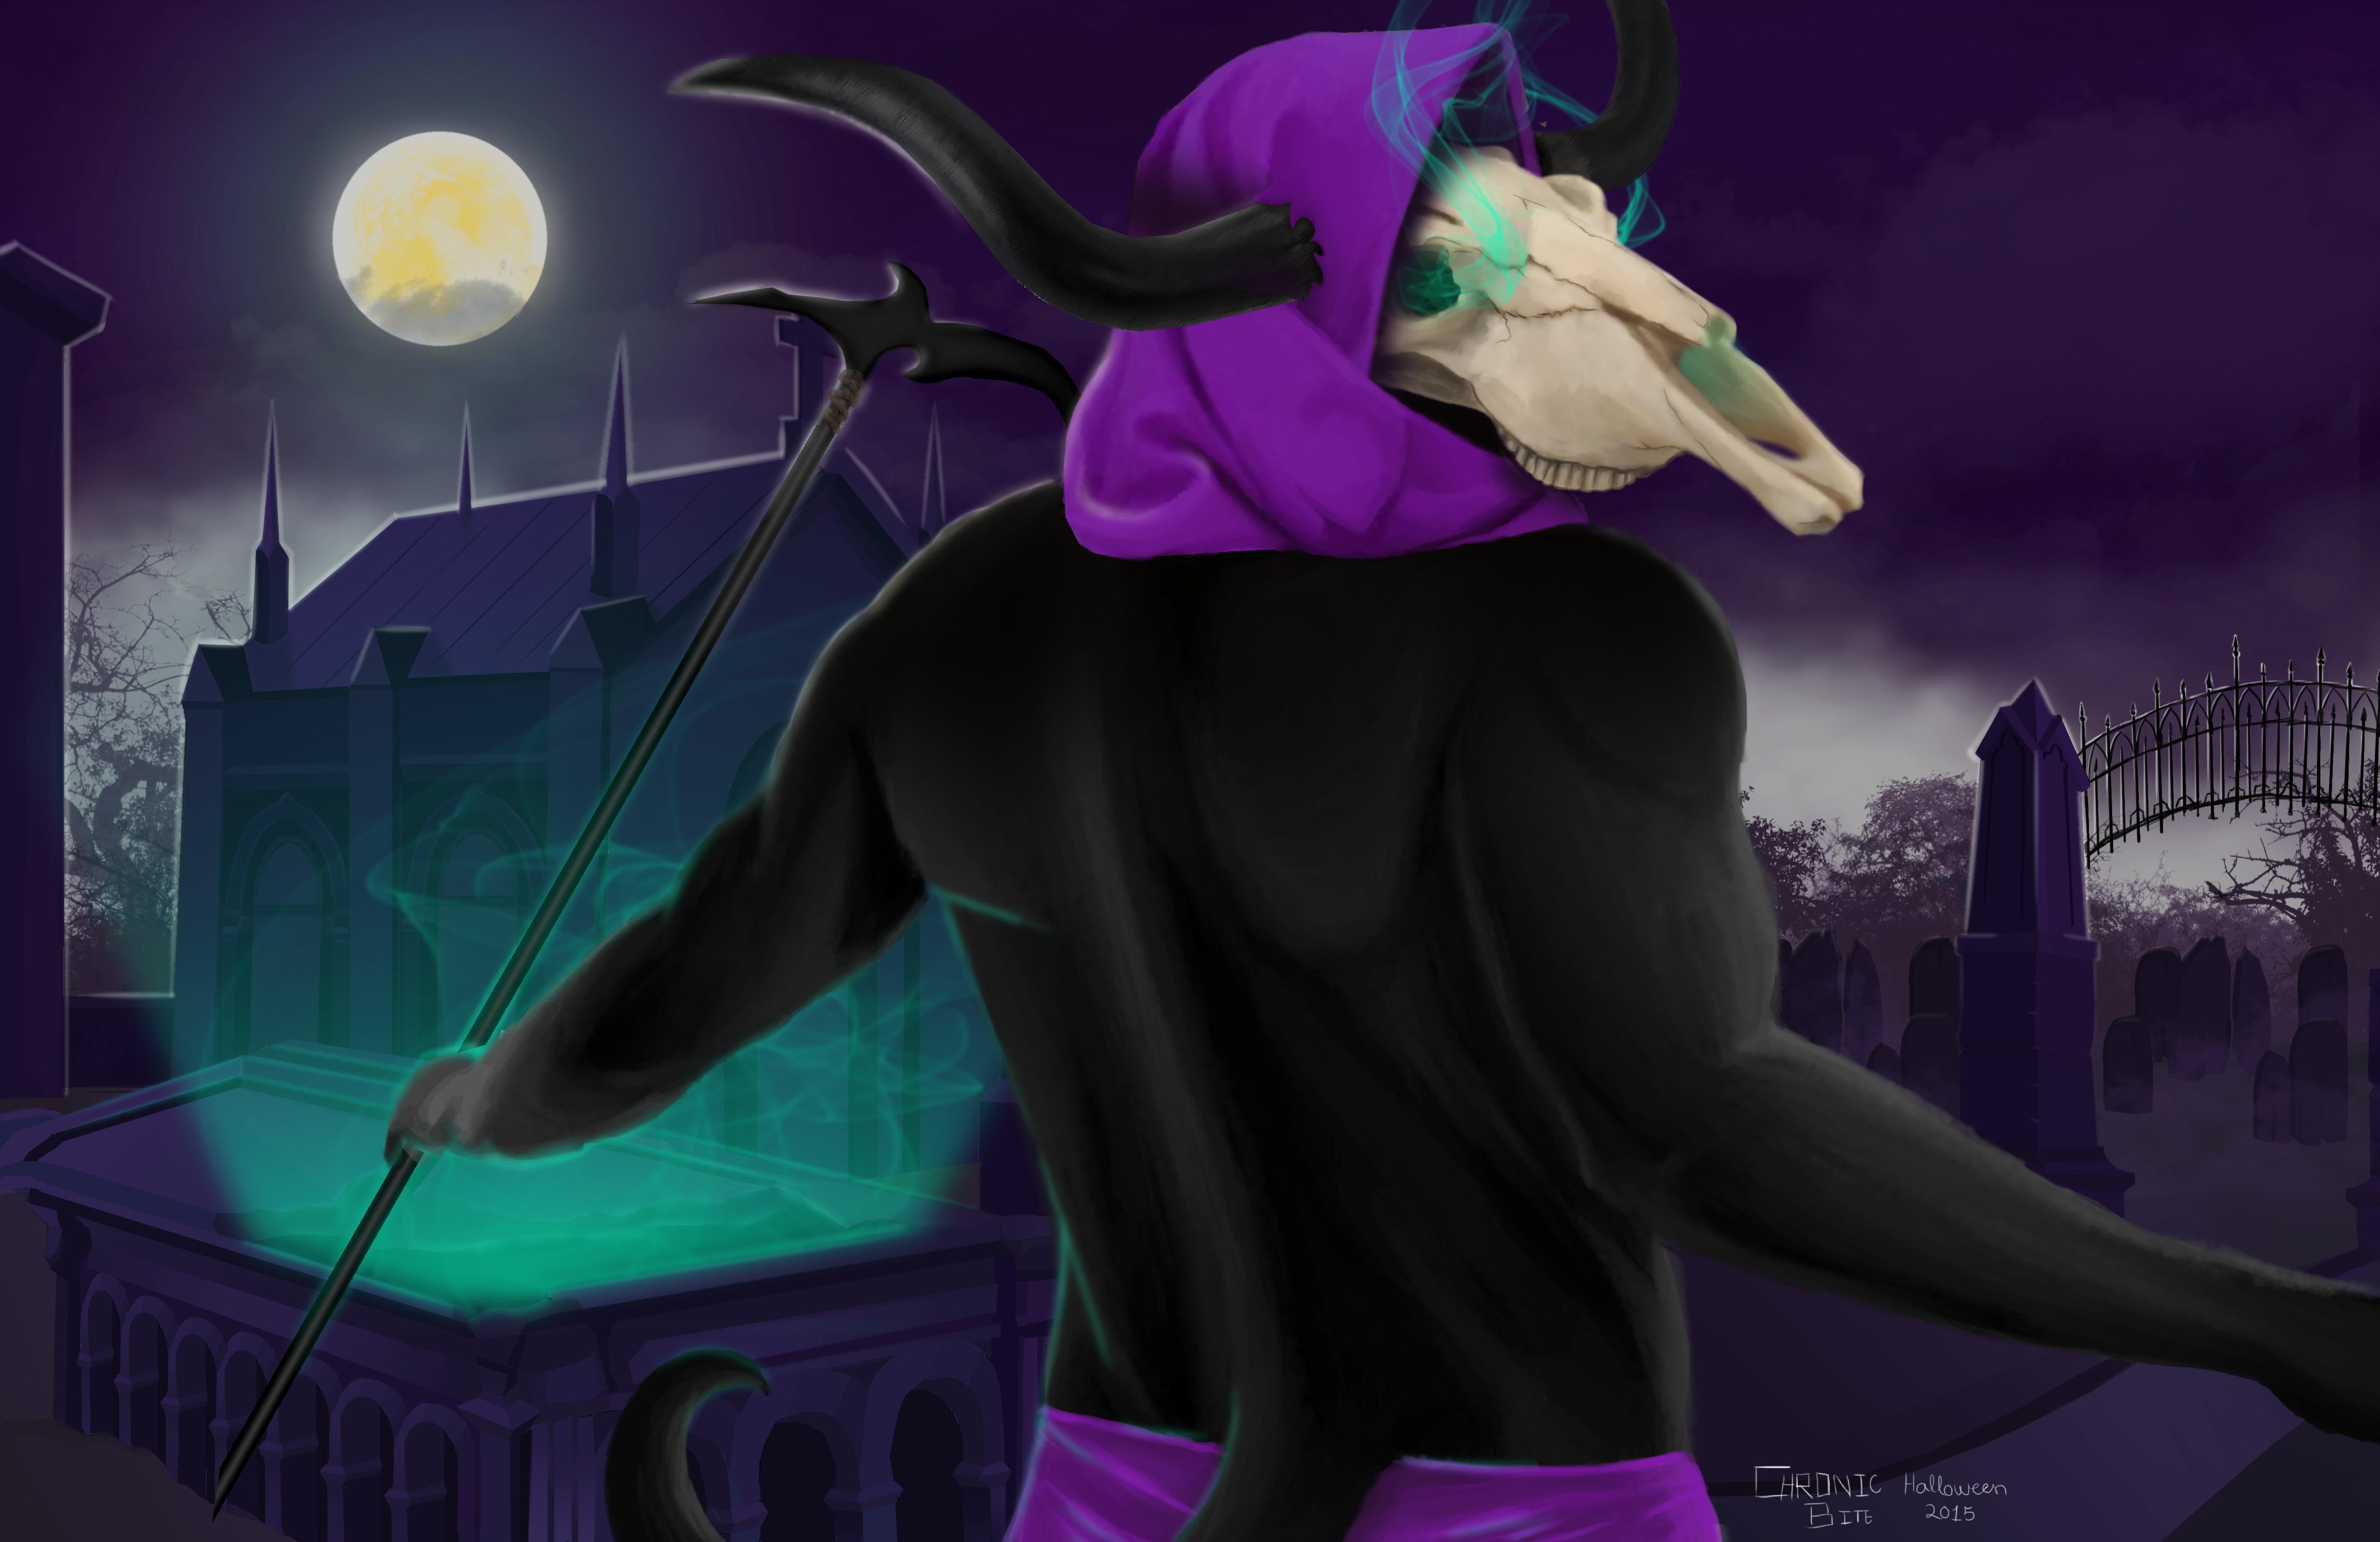 Grim reaper - Halloween 2015